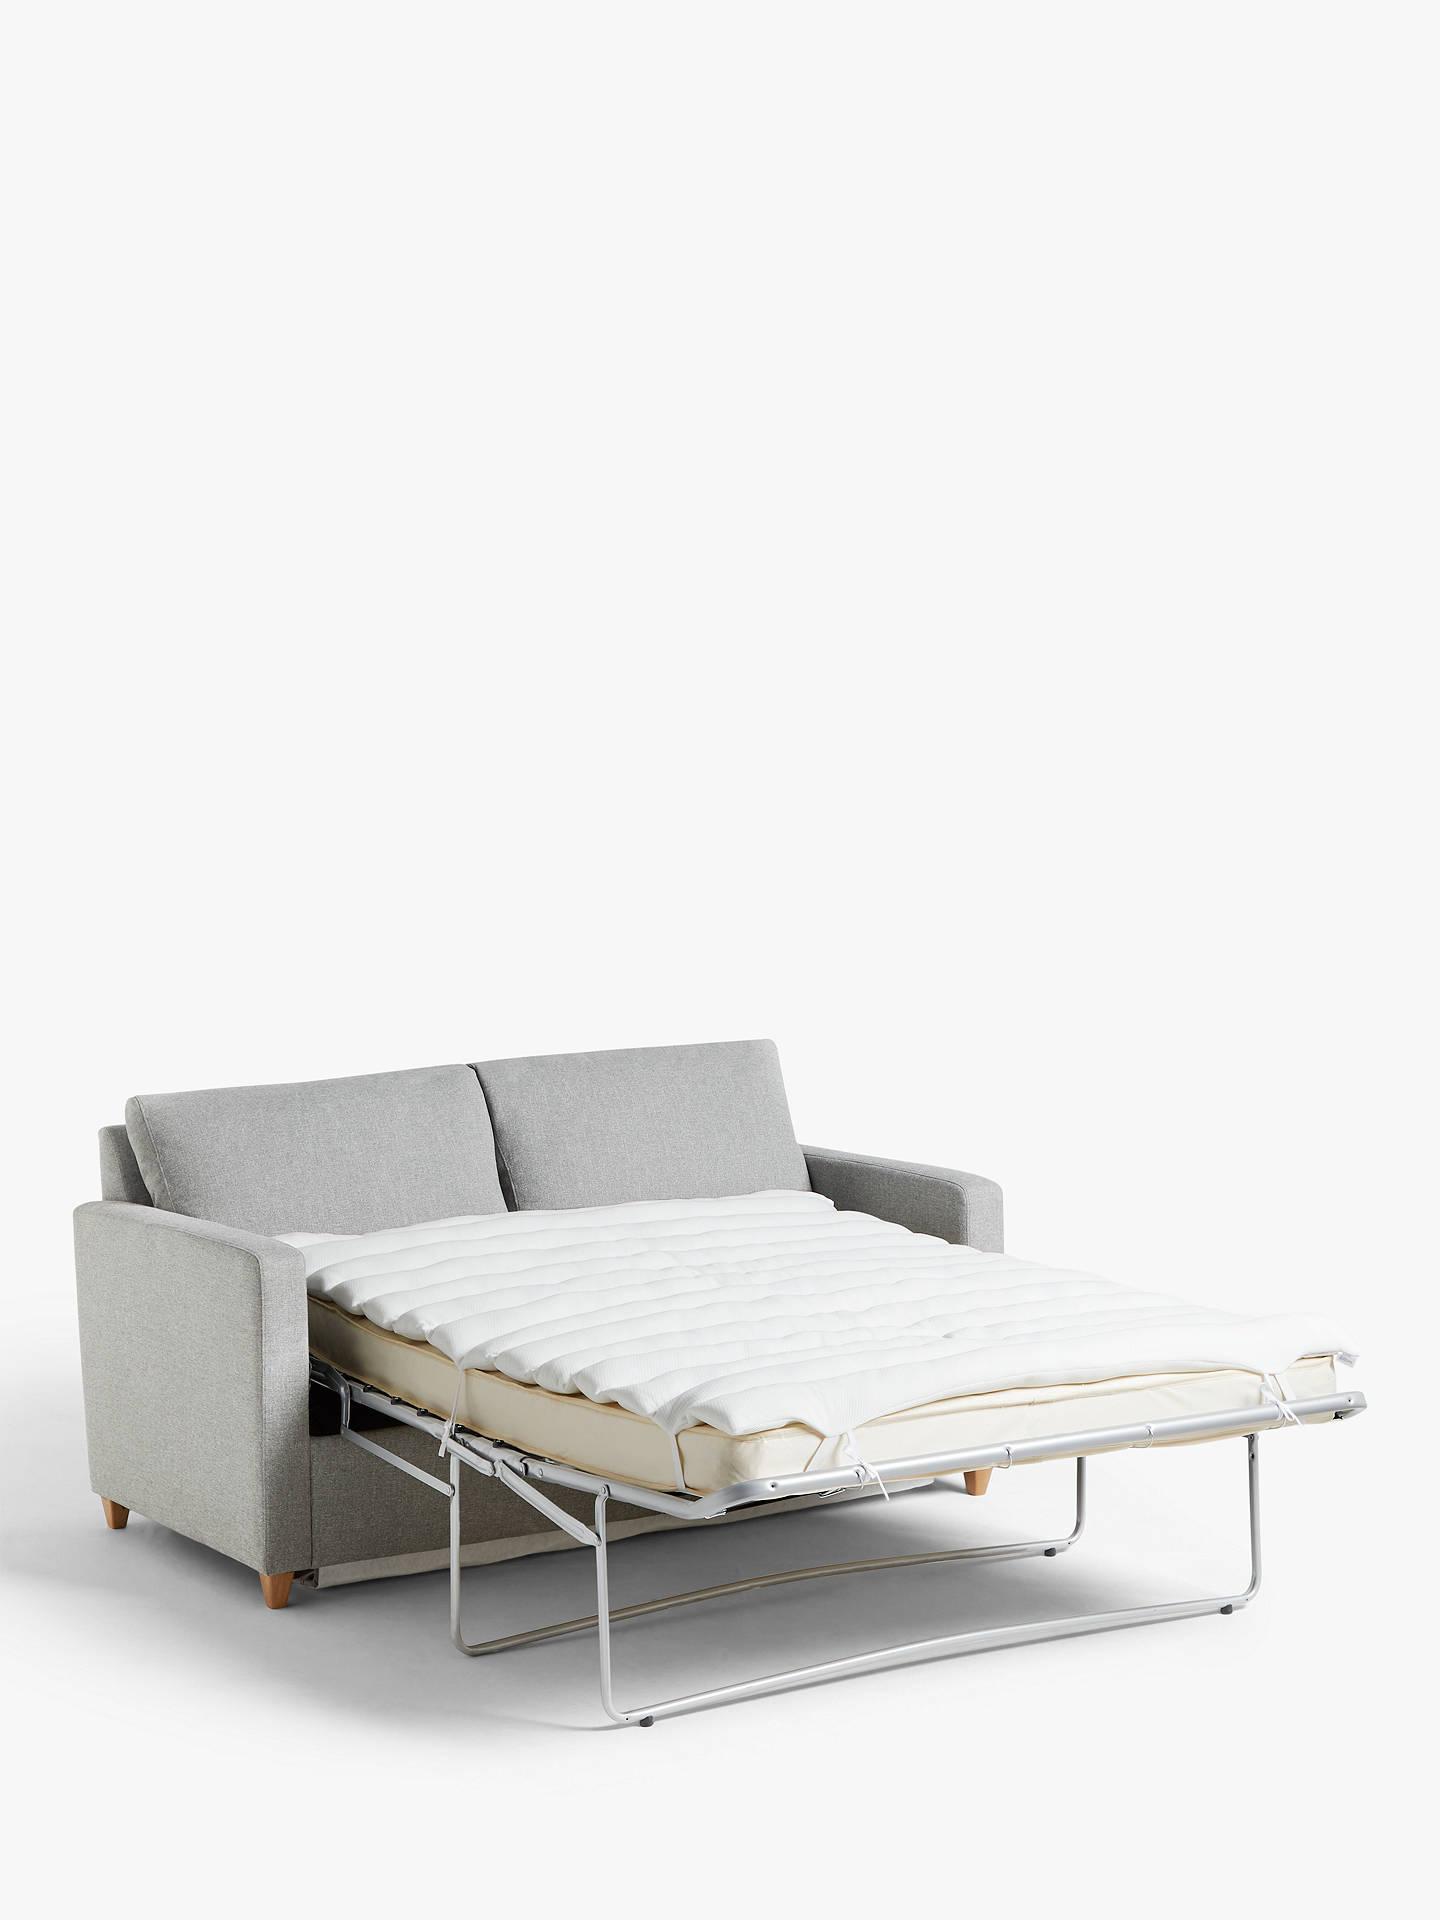 Sofa Bed Mattress Topper